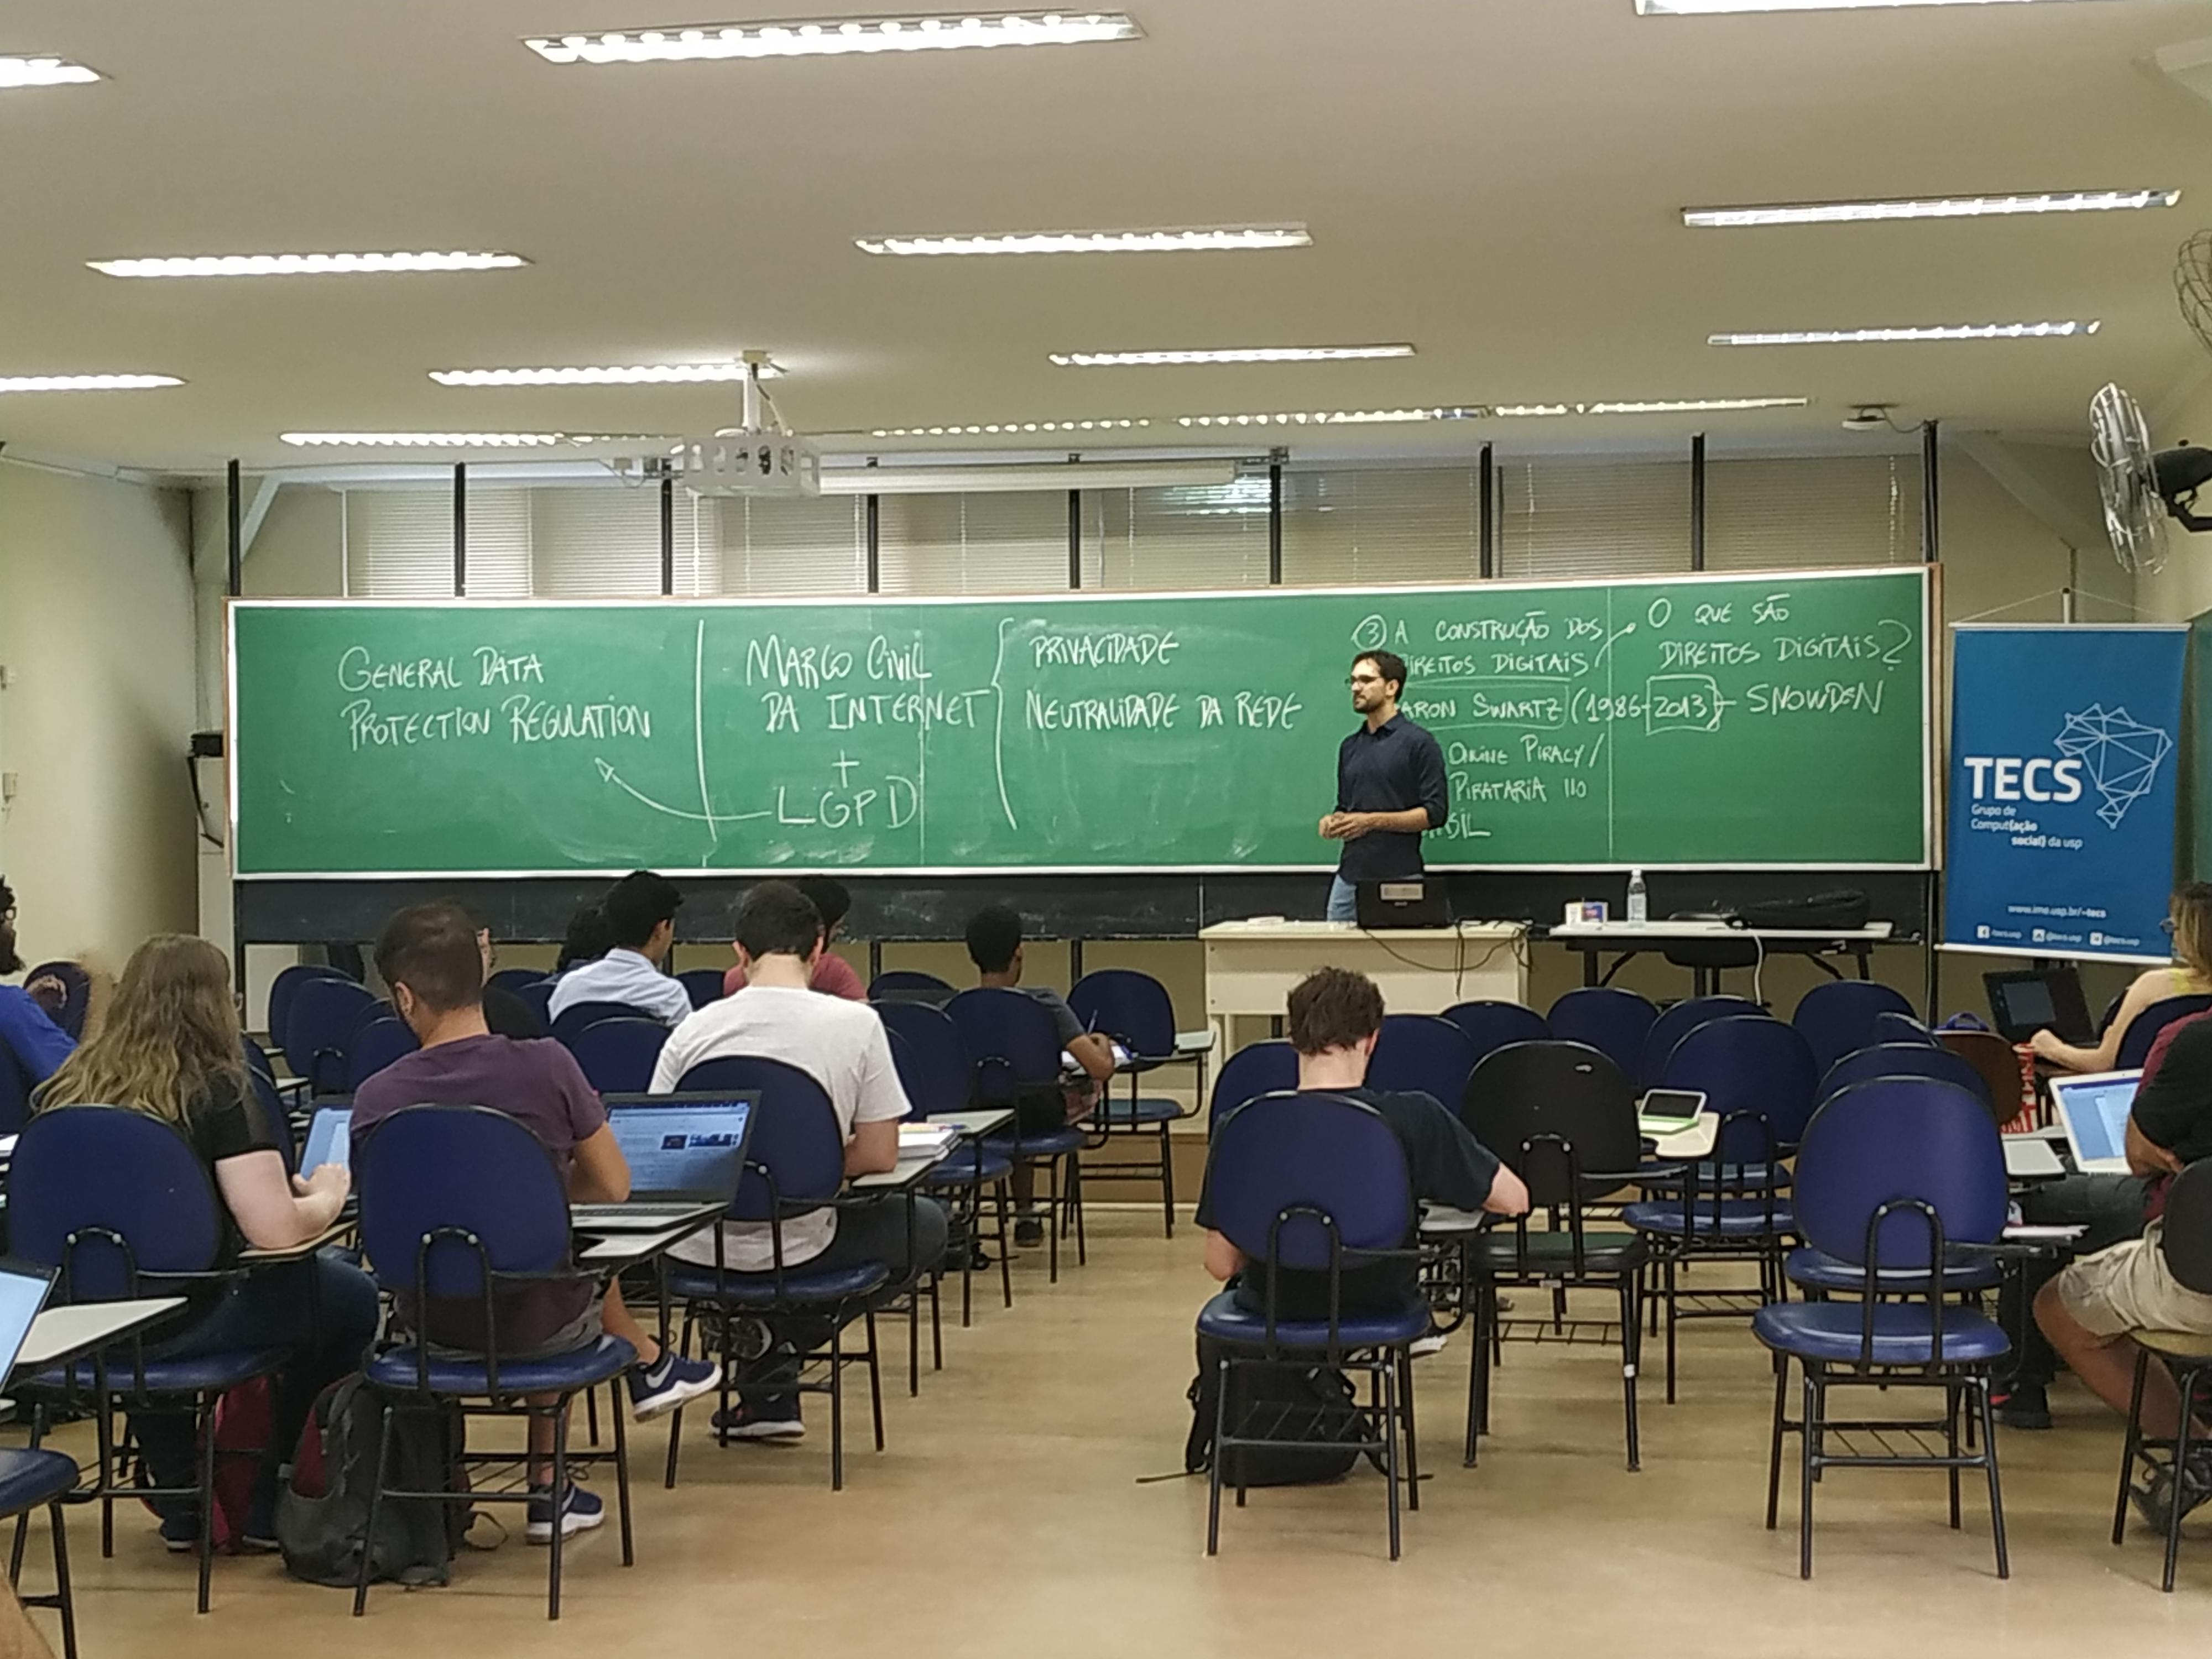 Professor voltado para o canto esquerdo da sala, de frente para estudantes que fazem anotações em cadernos e laptops. Ao fundo, uma larga lousa de giz com esquemas explicativos.